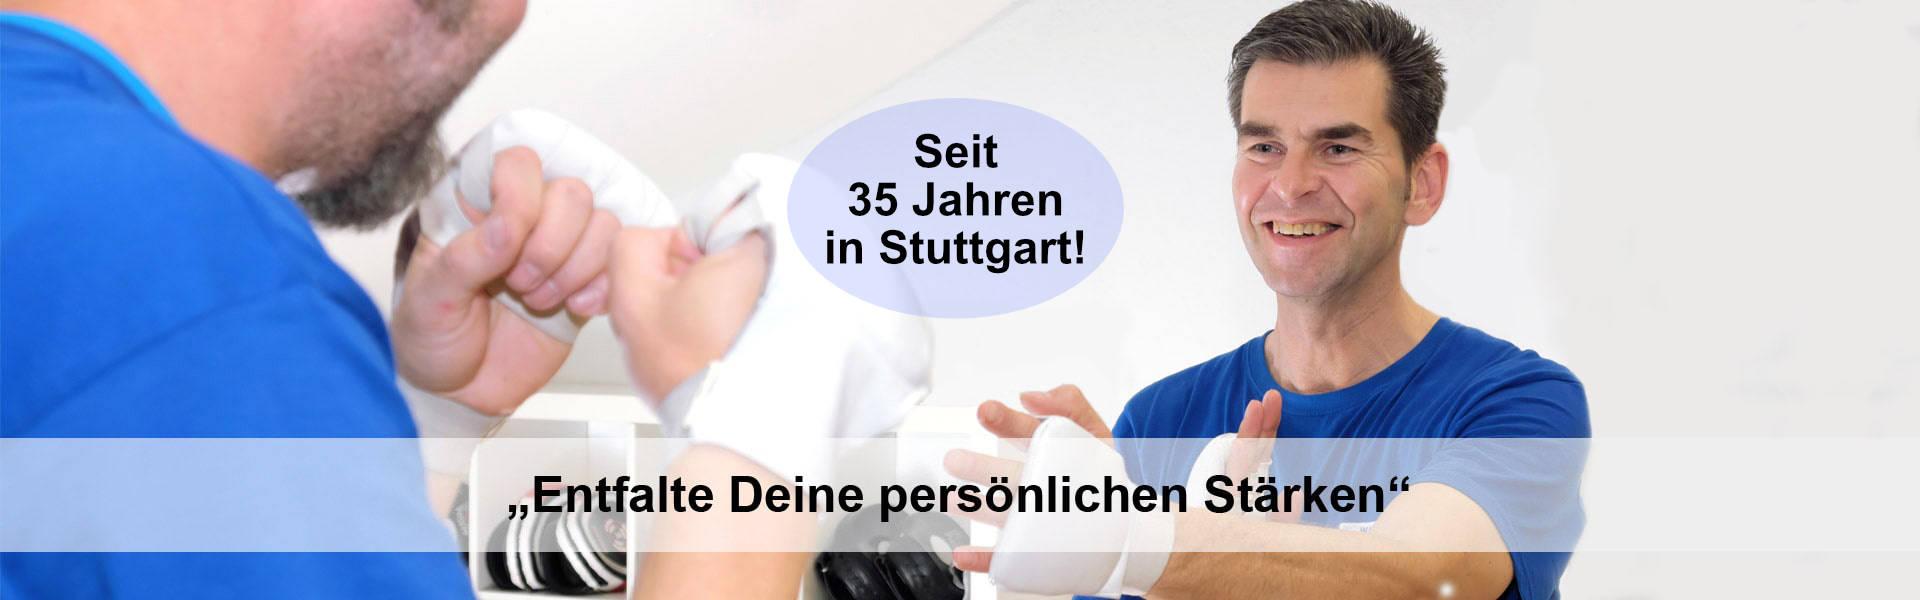 Fachschule für Selbstverteidigung Stuttgart, seit 35 Jahren